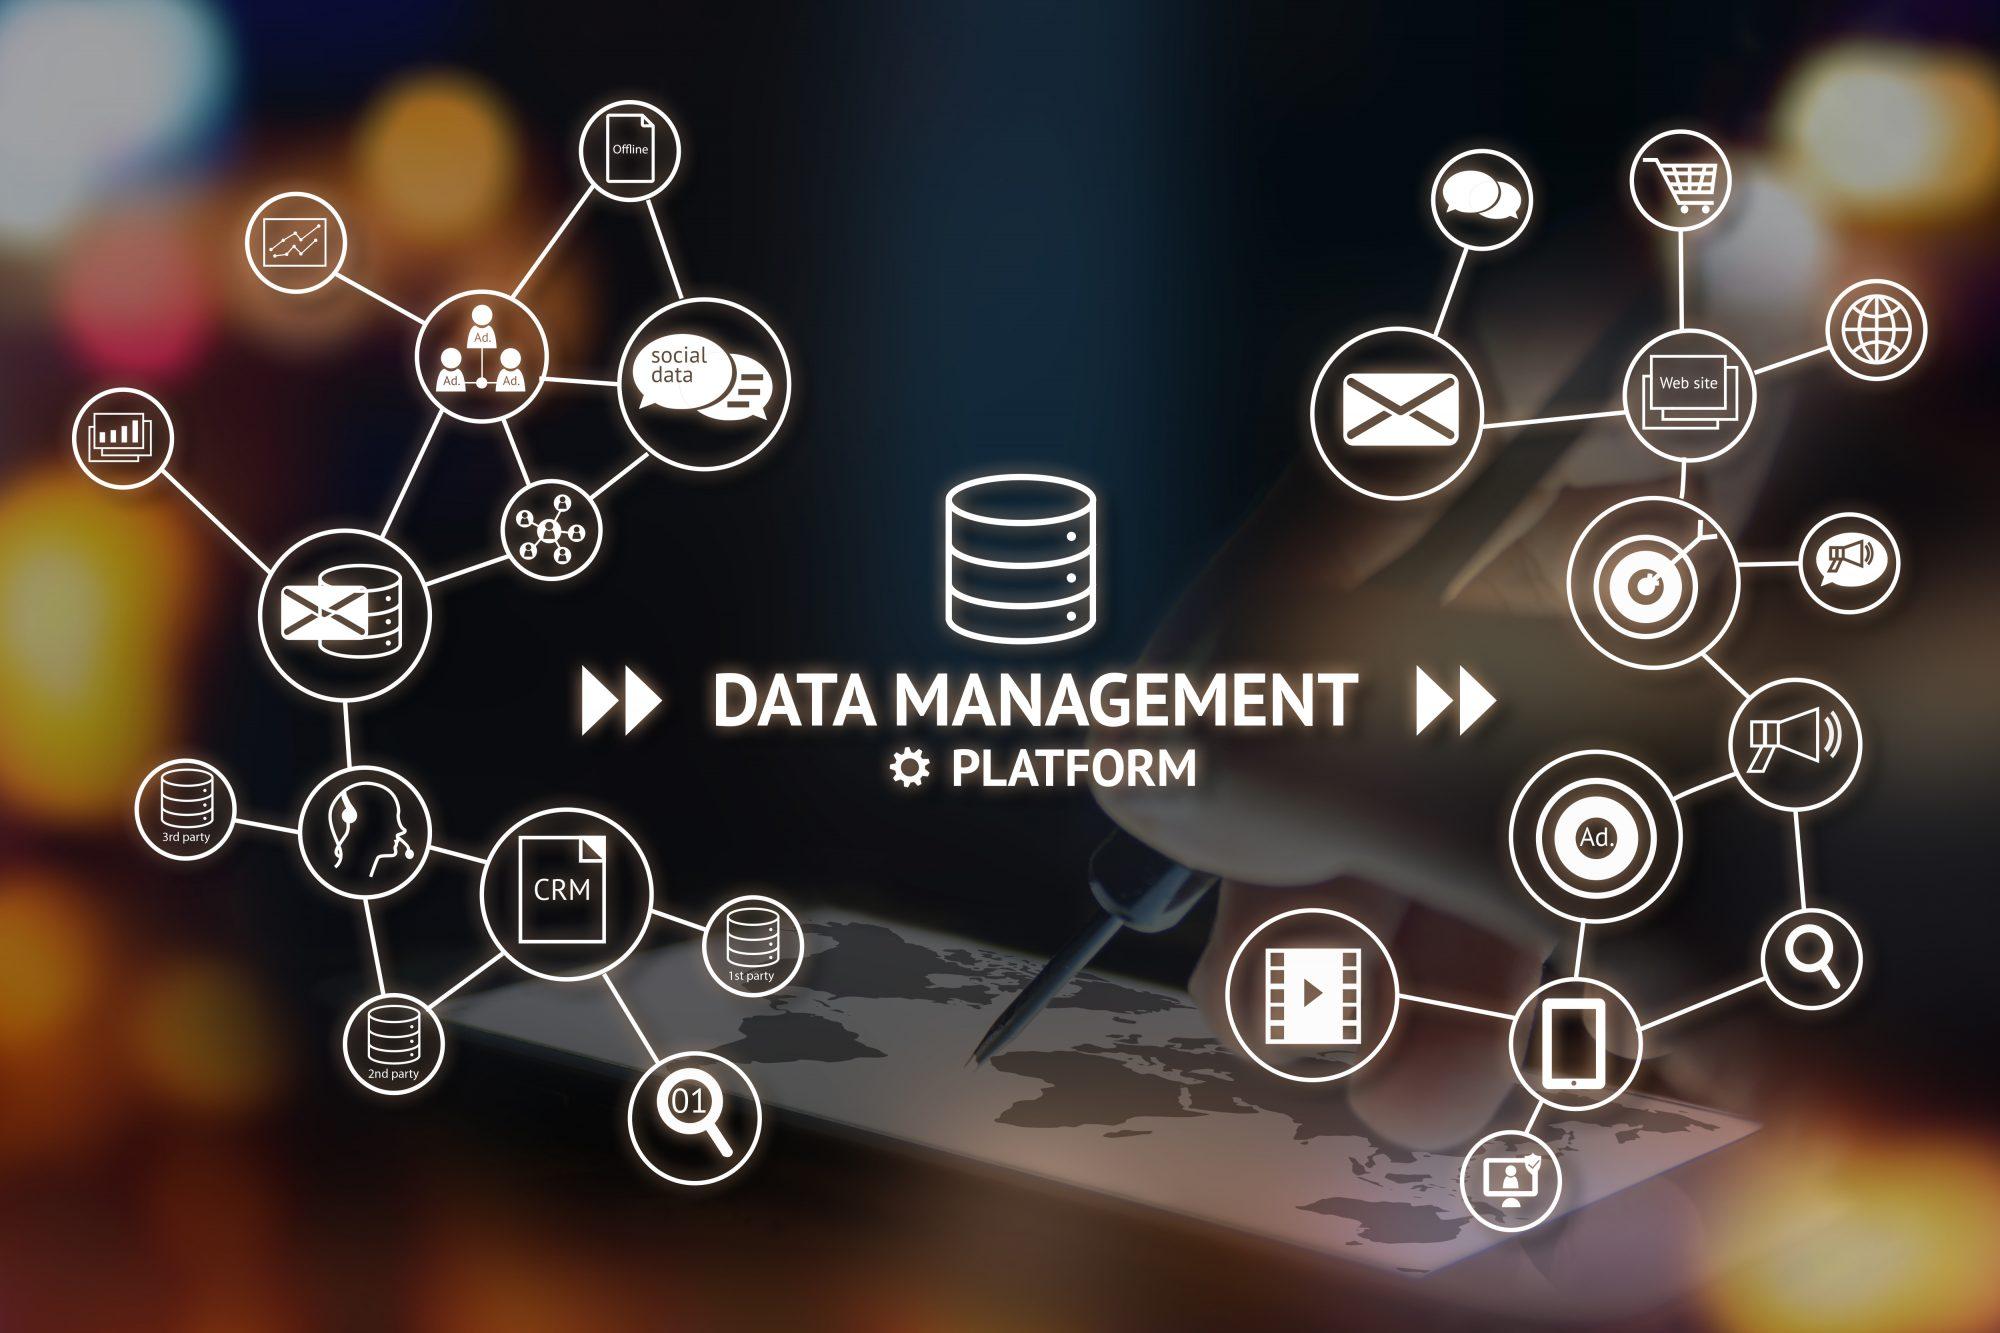 DMP Plataformas de gestión de datos: 4 ventajas para las campañas de marketing